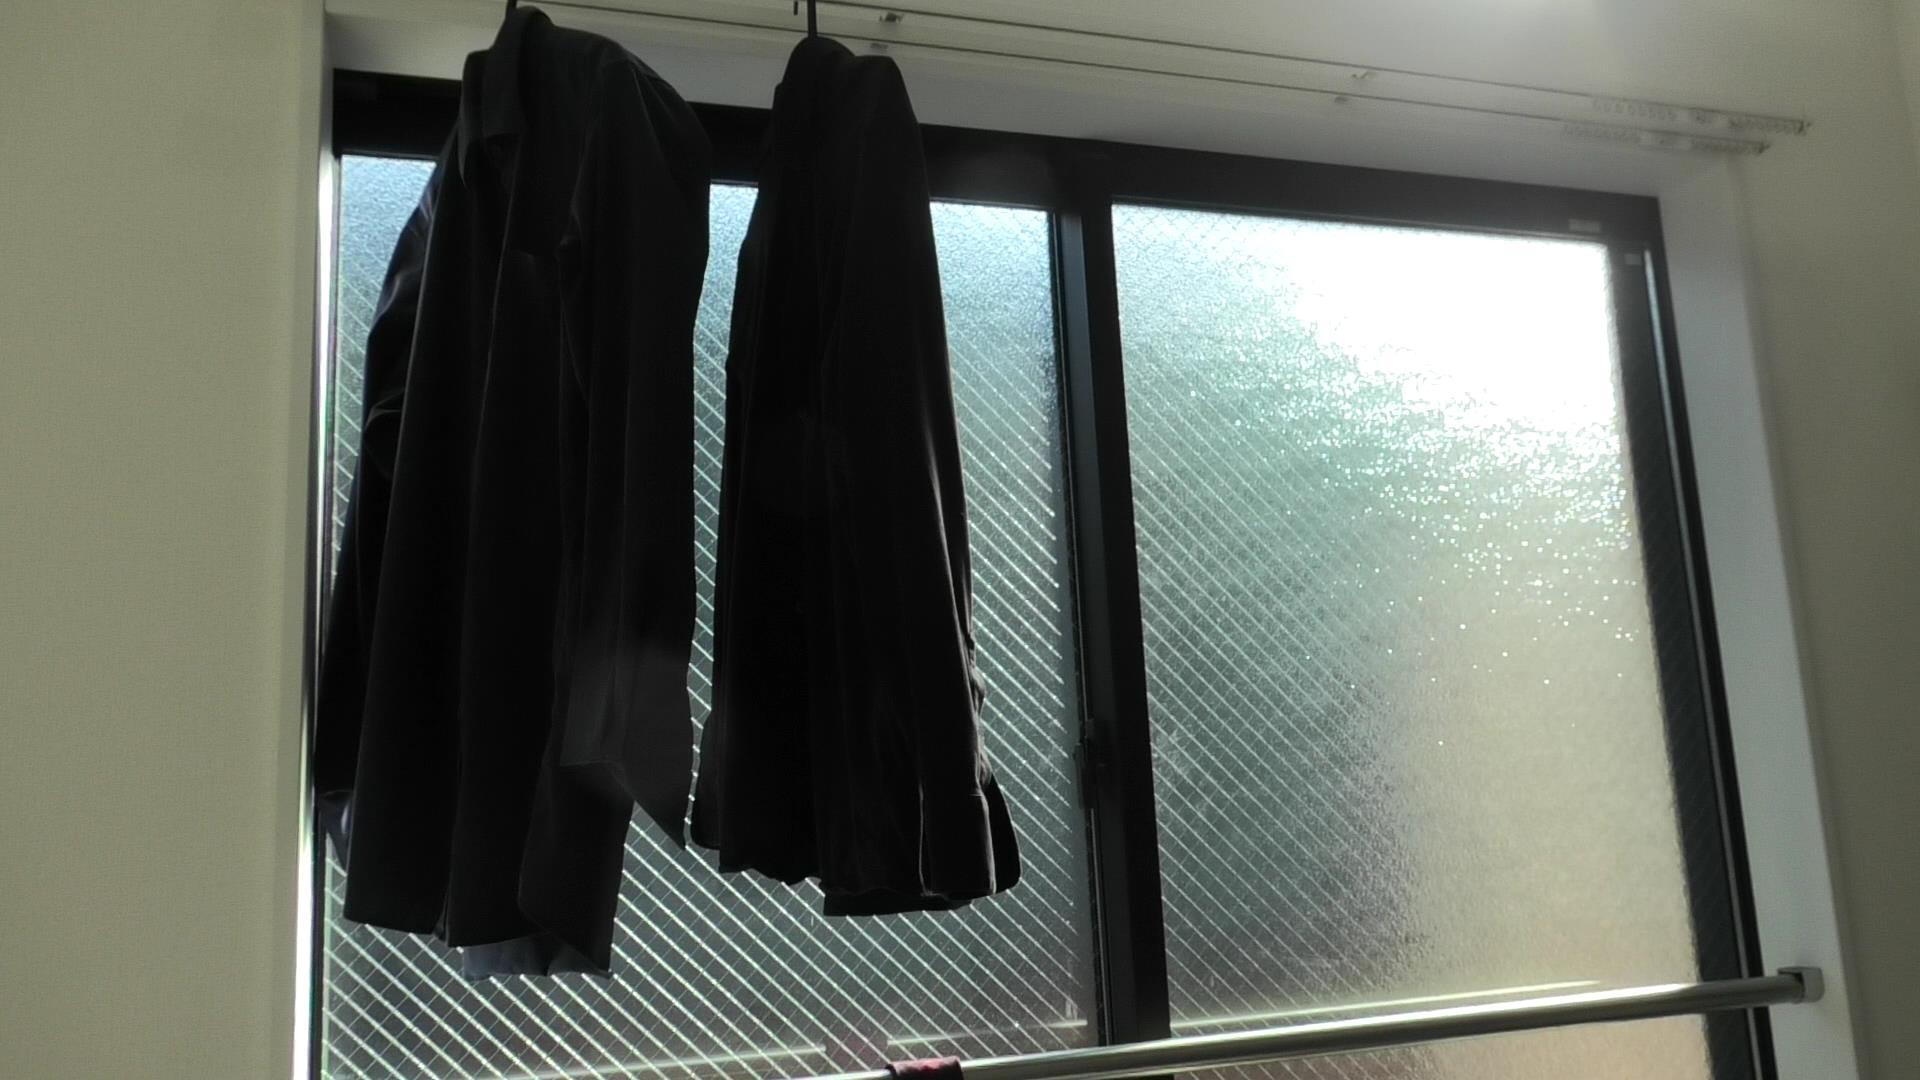 【ミニマリスト】長袖しか着ない理由、半袖は冬場のヒートテックだけ